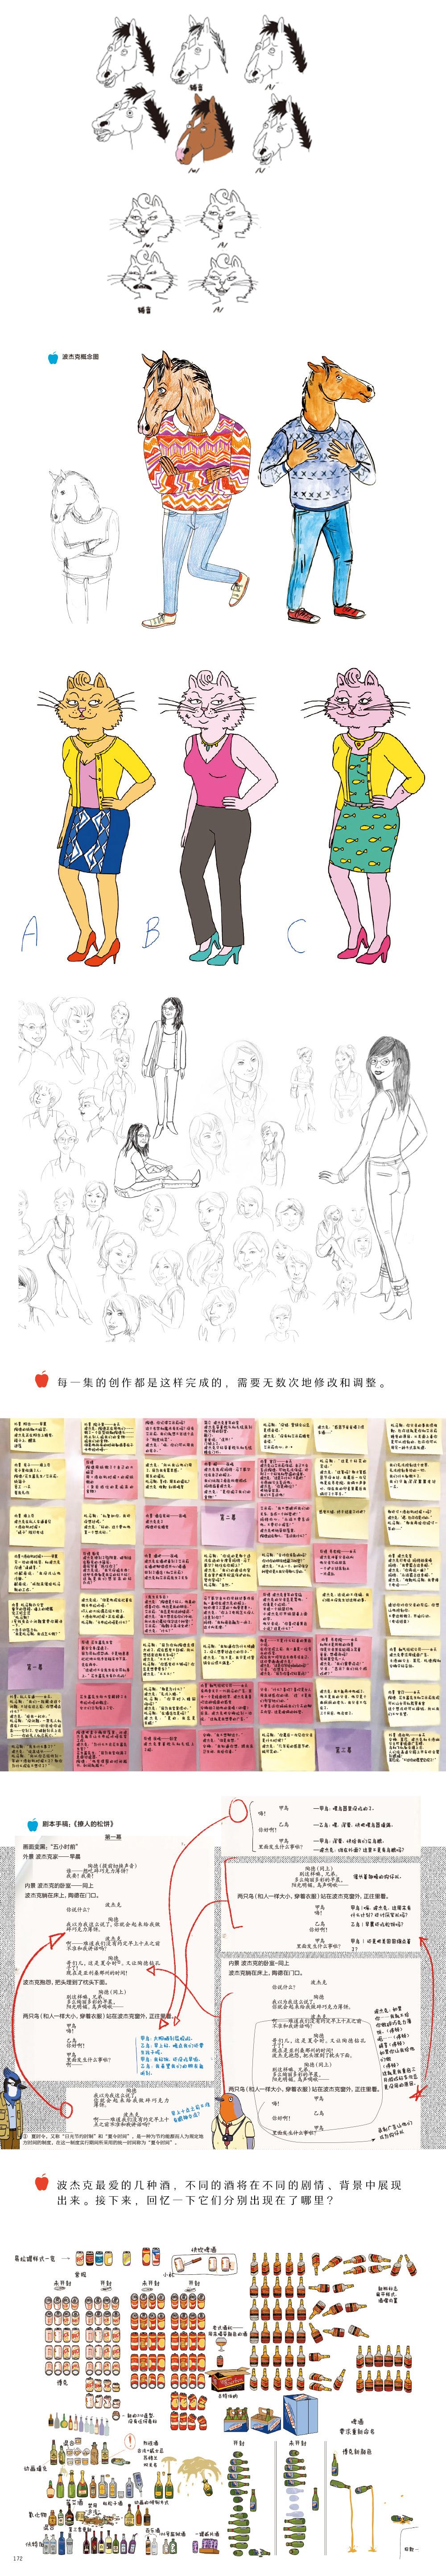 马男切图 (5).jpg